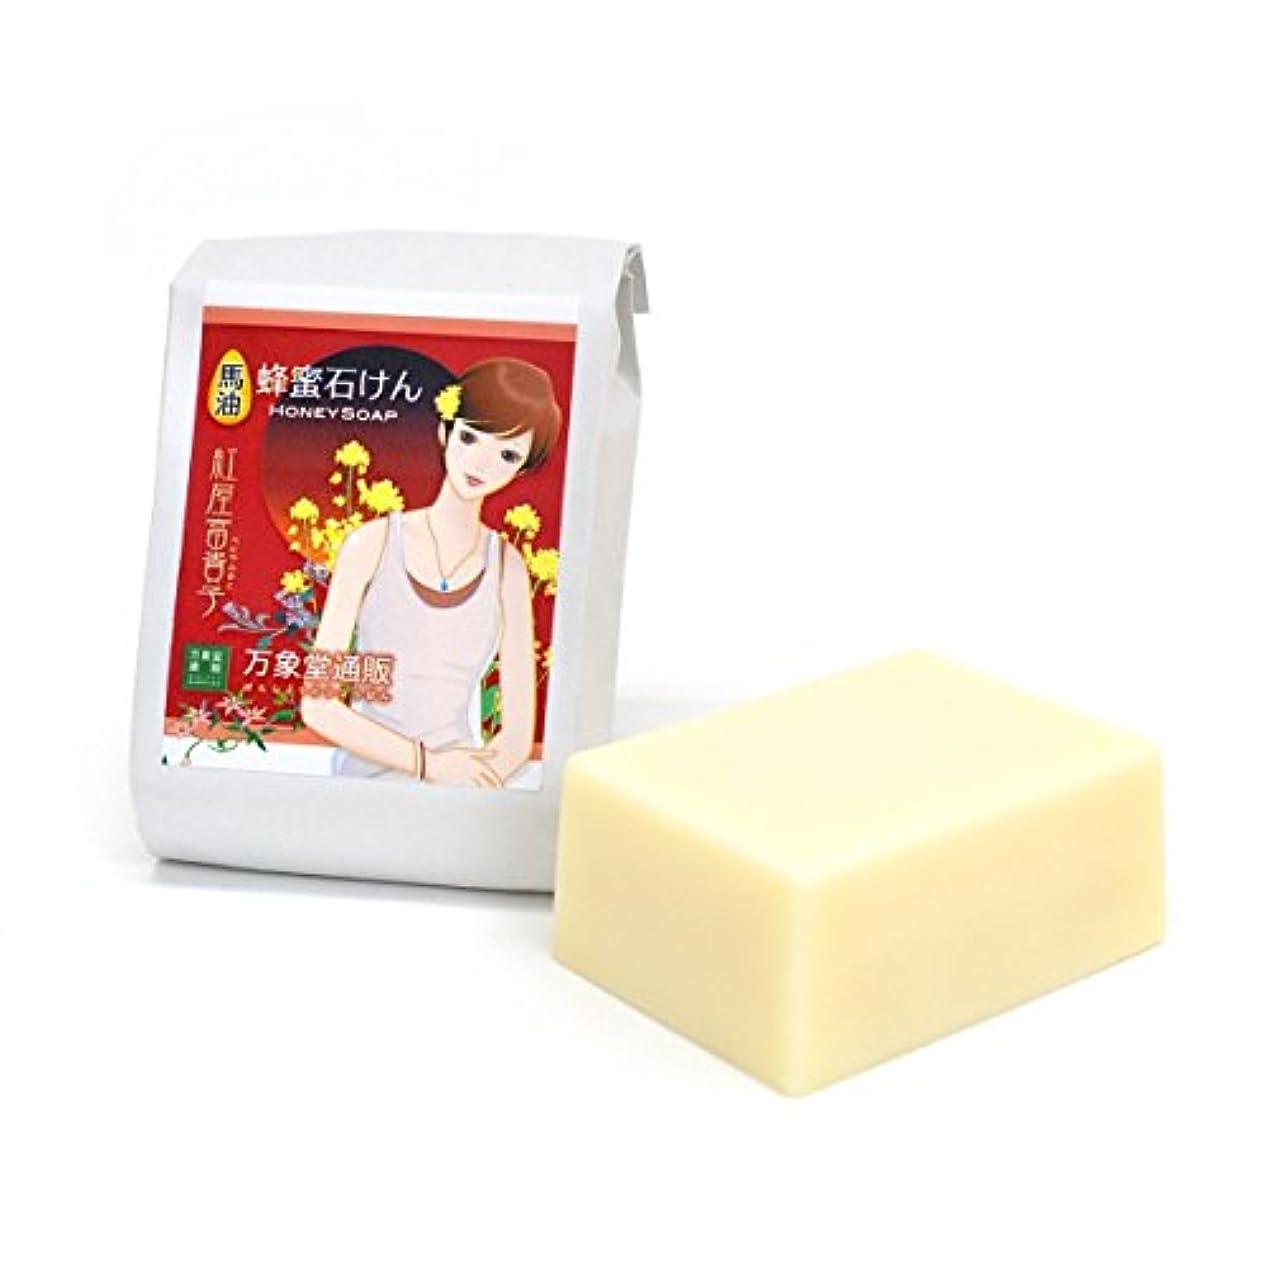 コンセンサスお客様シミュレートする森羅万象堂 馬油石鹸 90g(国産)熊本県産 国産蜂蜜配合